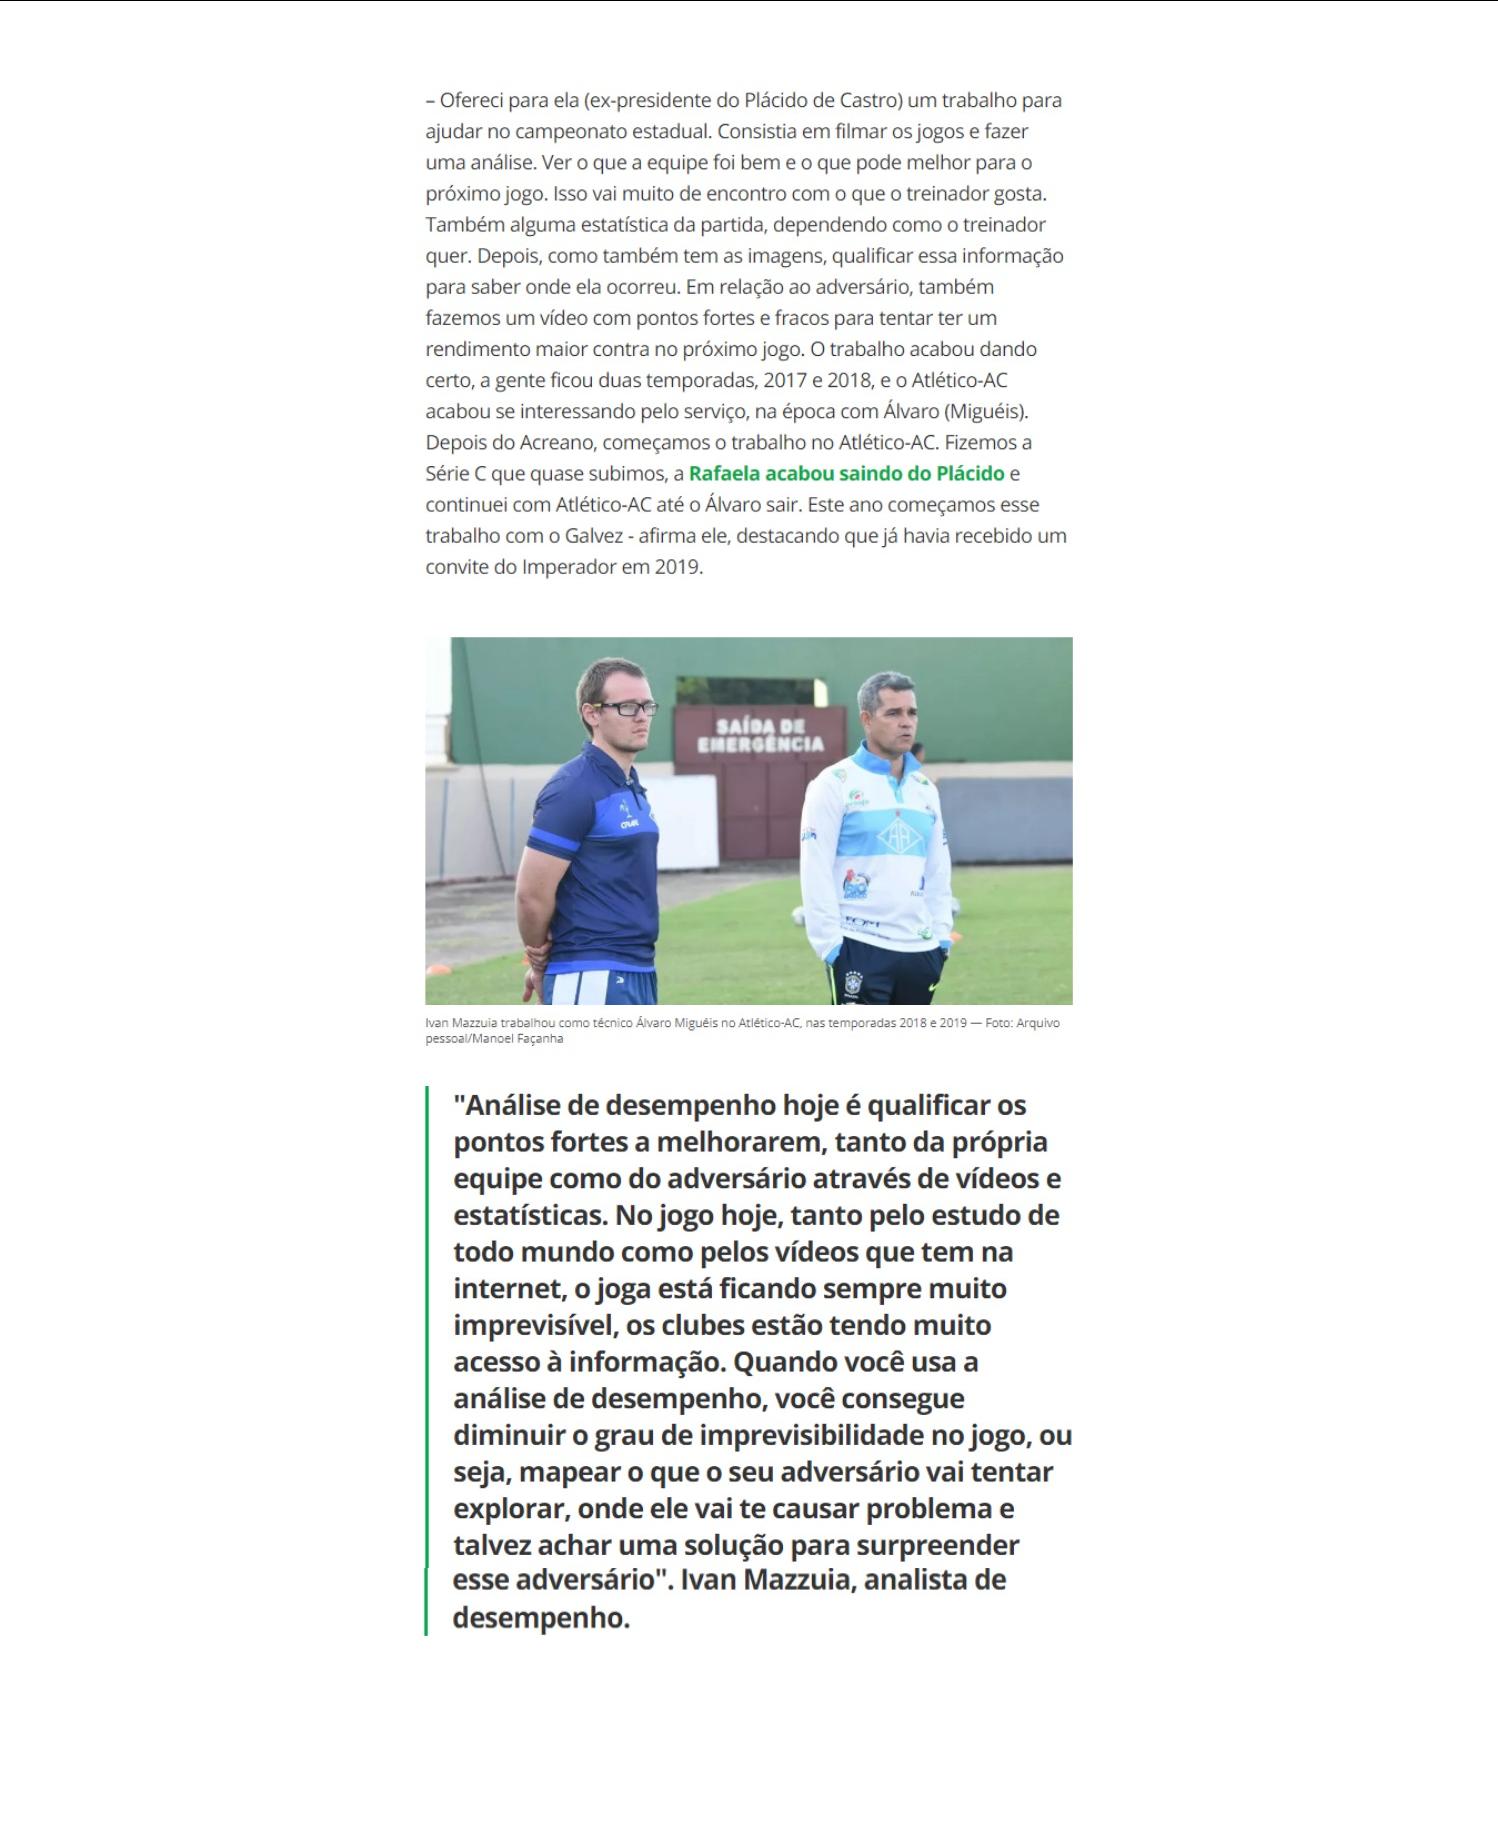 Entrevista Mazzuia 2